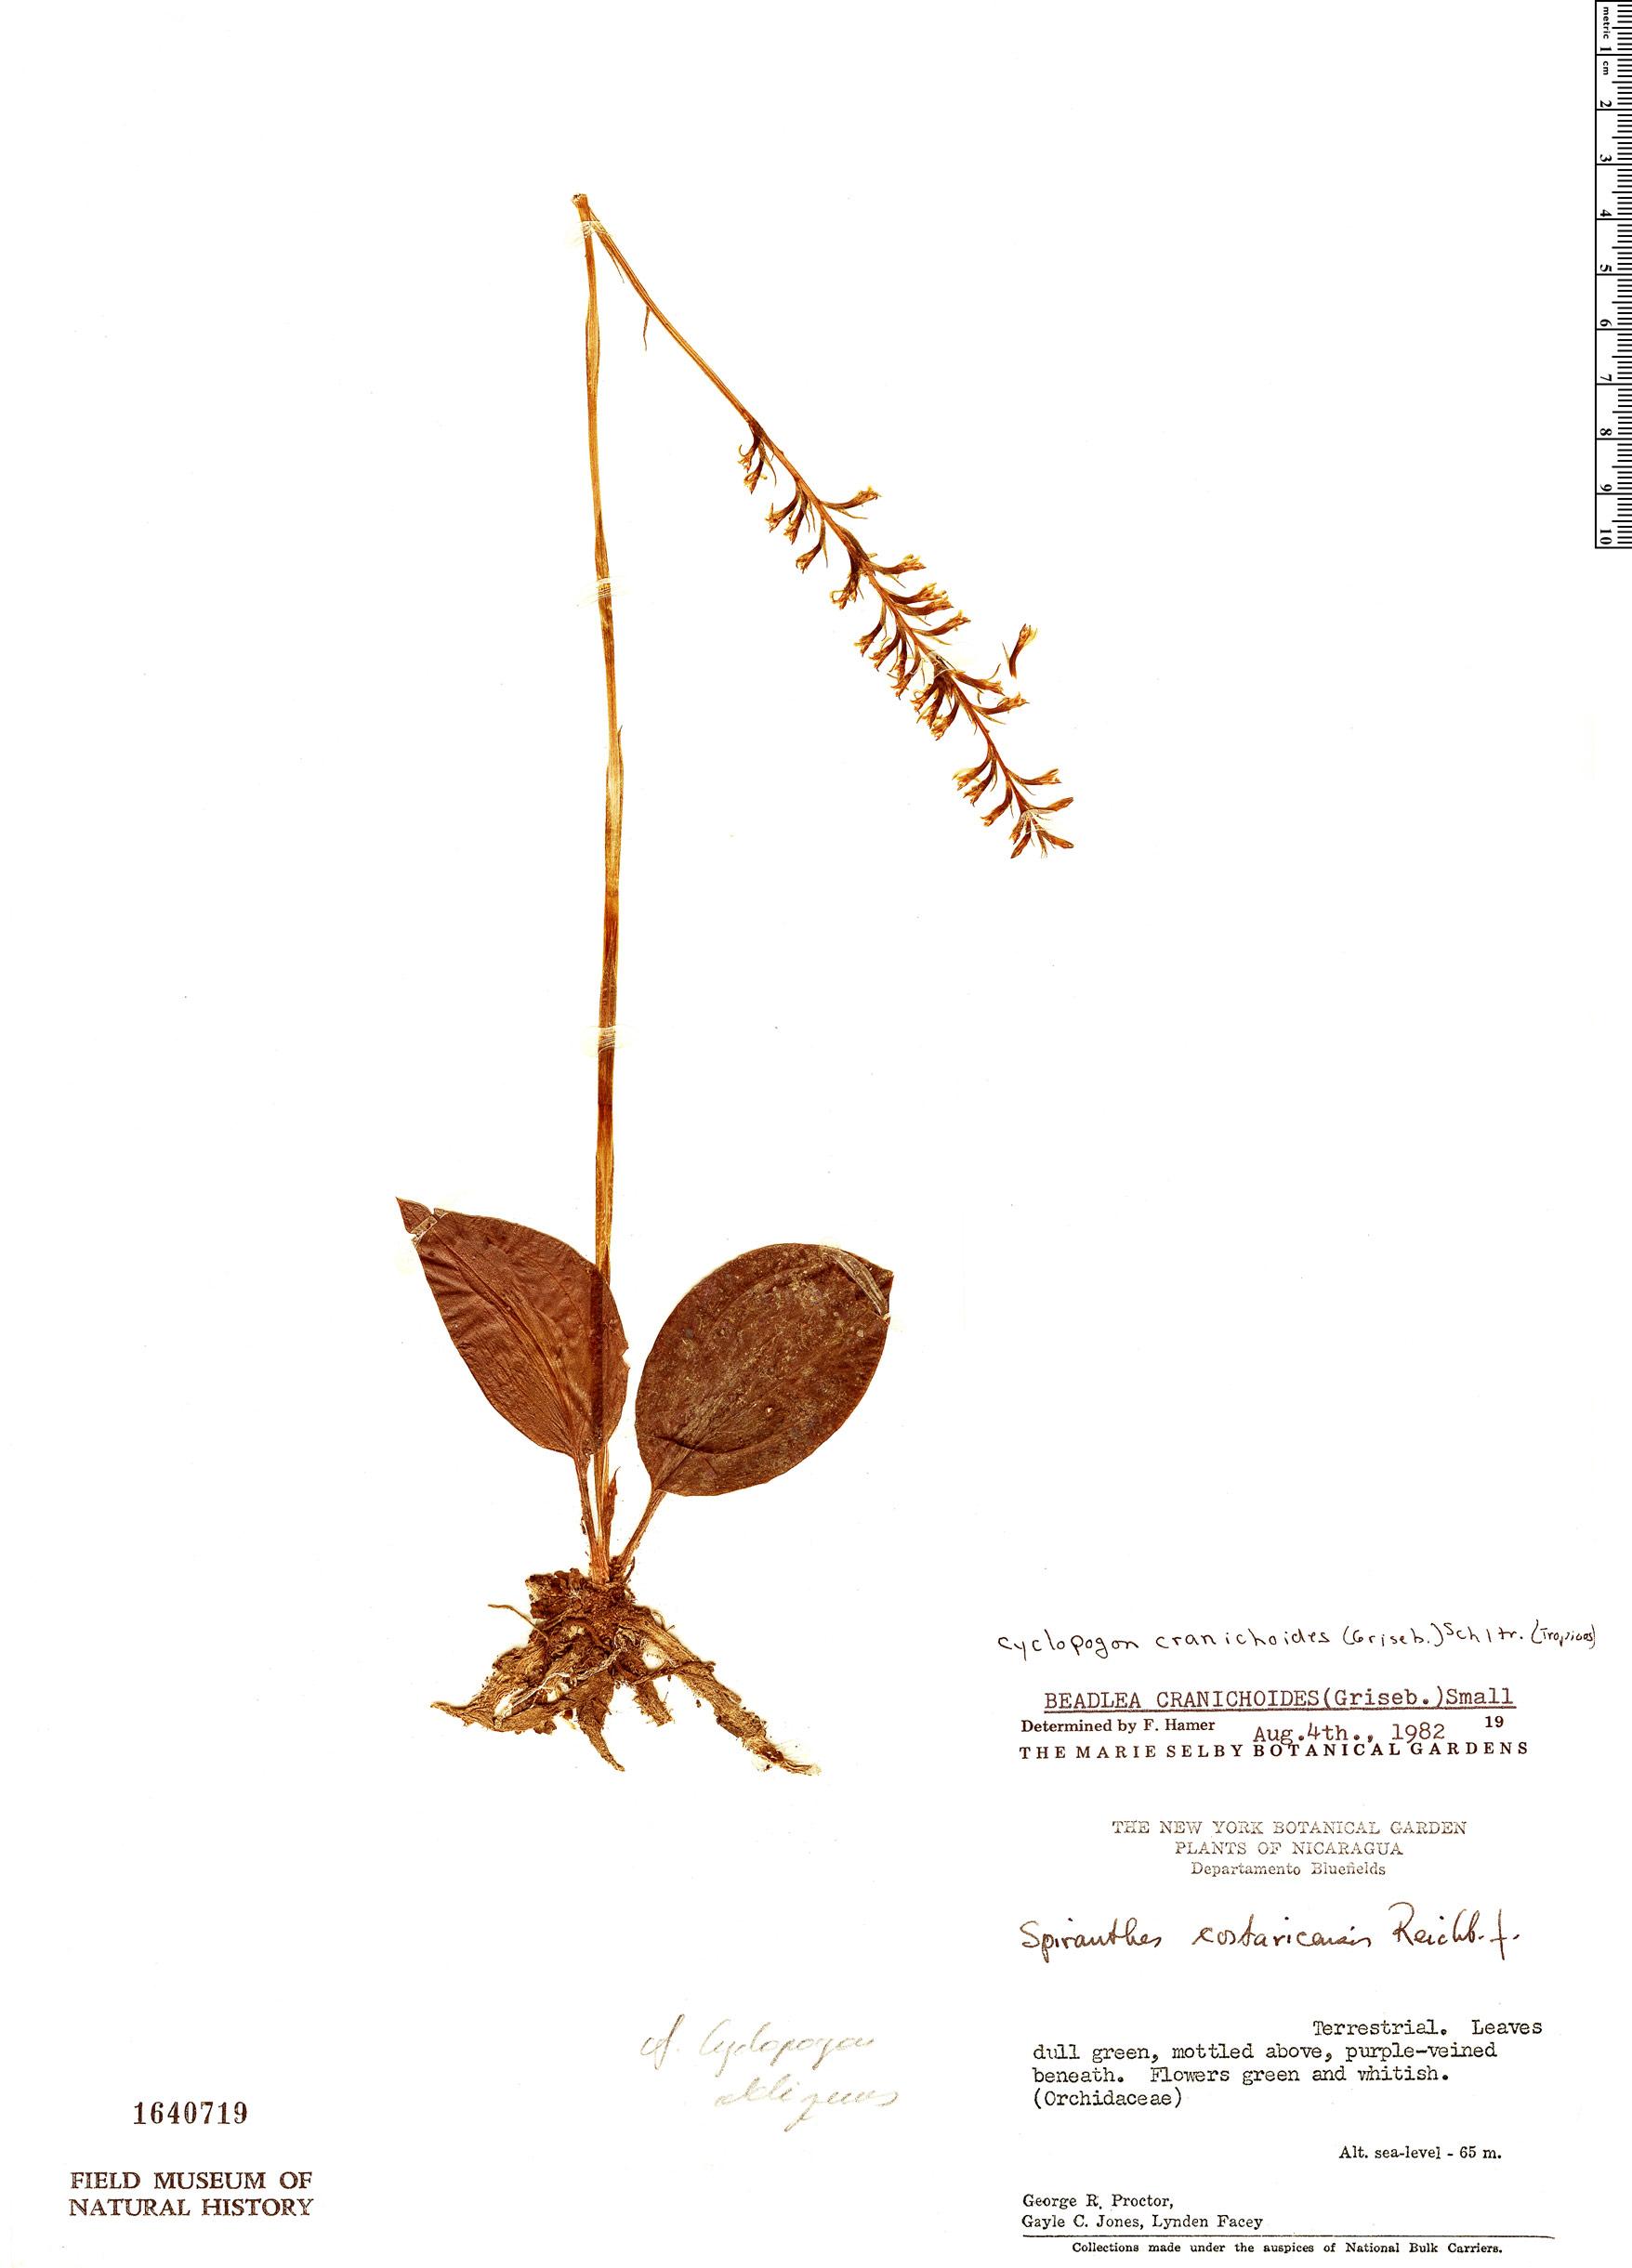 Specimen: Cyclopogon cranichoides